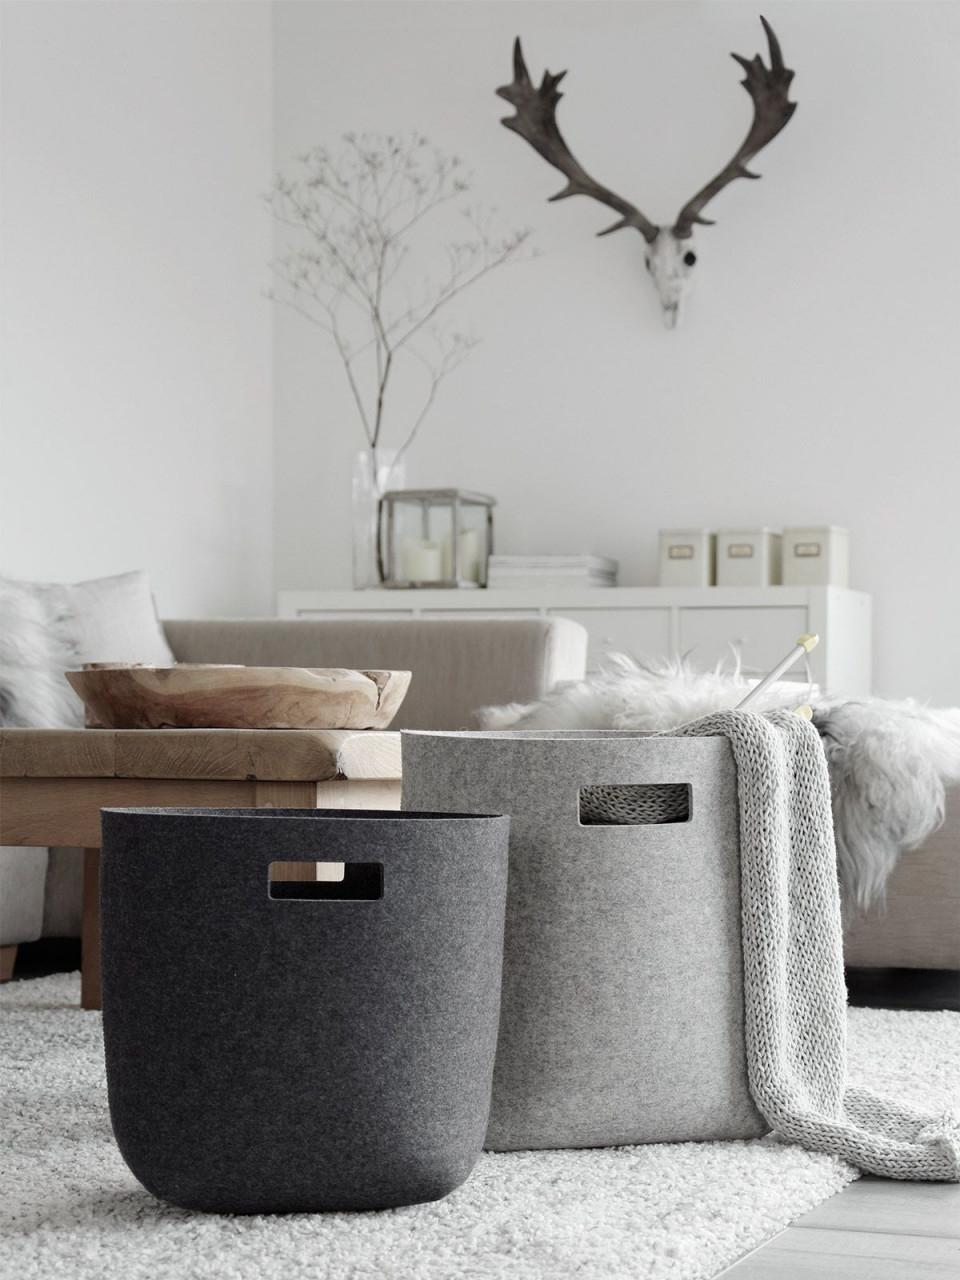 Dekoration  Aufbewahrung Wohnzimmer Wohnen Und Haus Zubehör von Korb Deko Wohnzimmer Bild